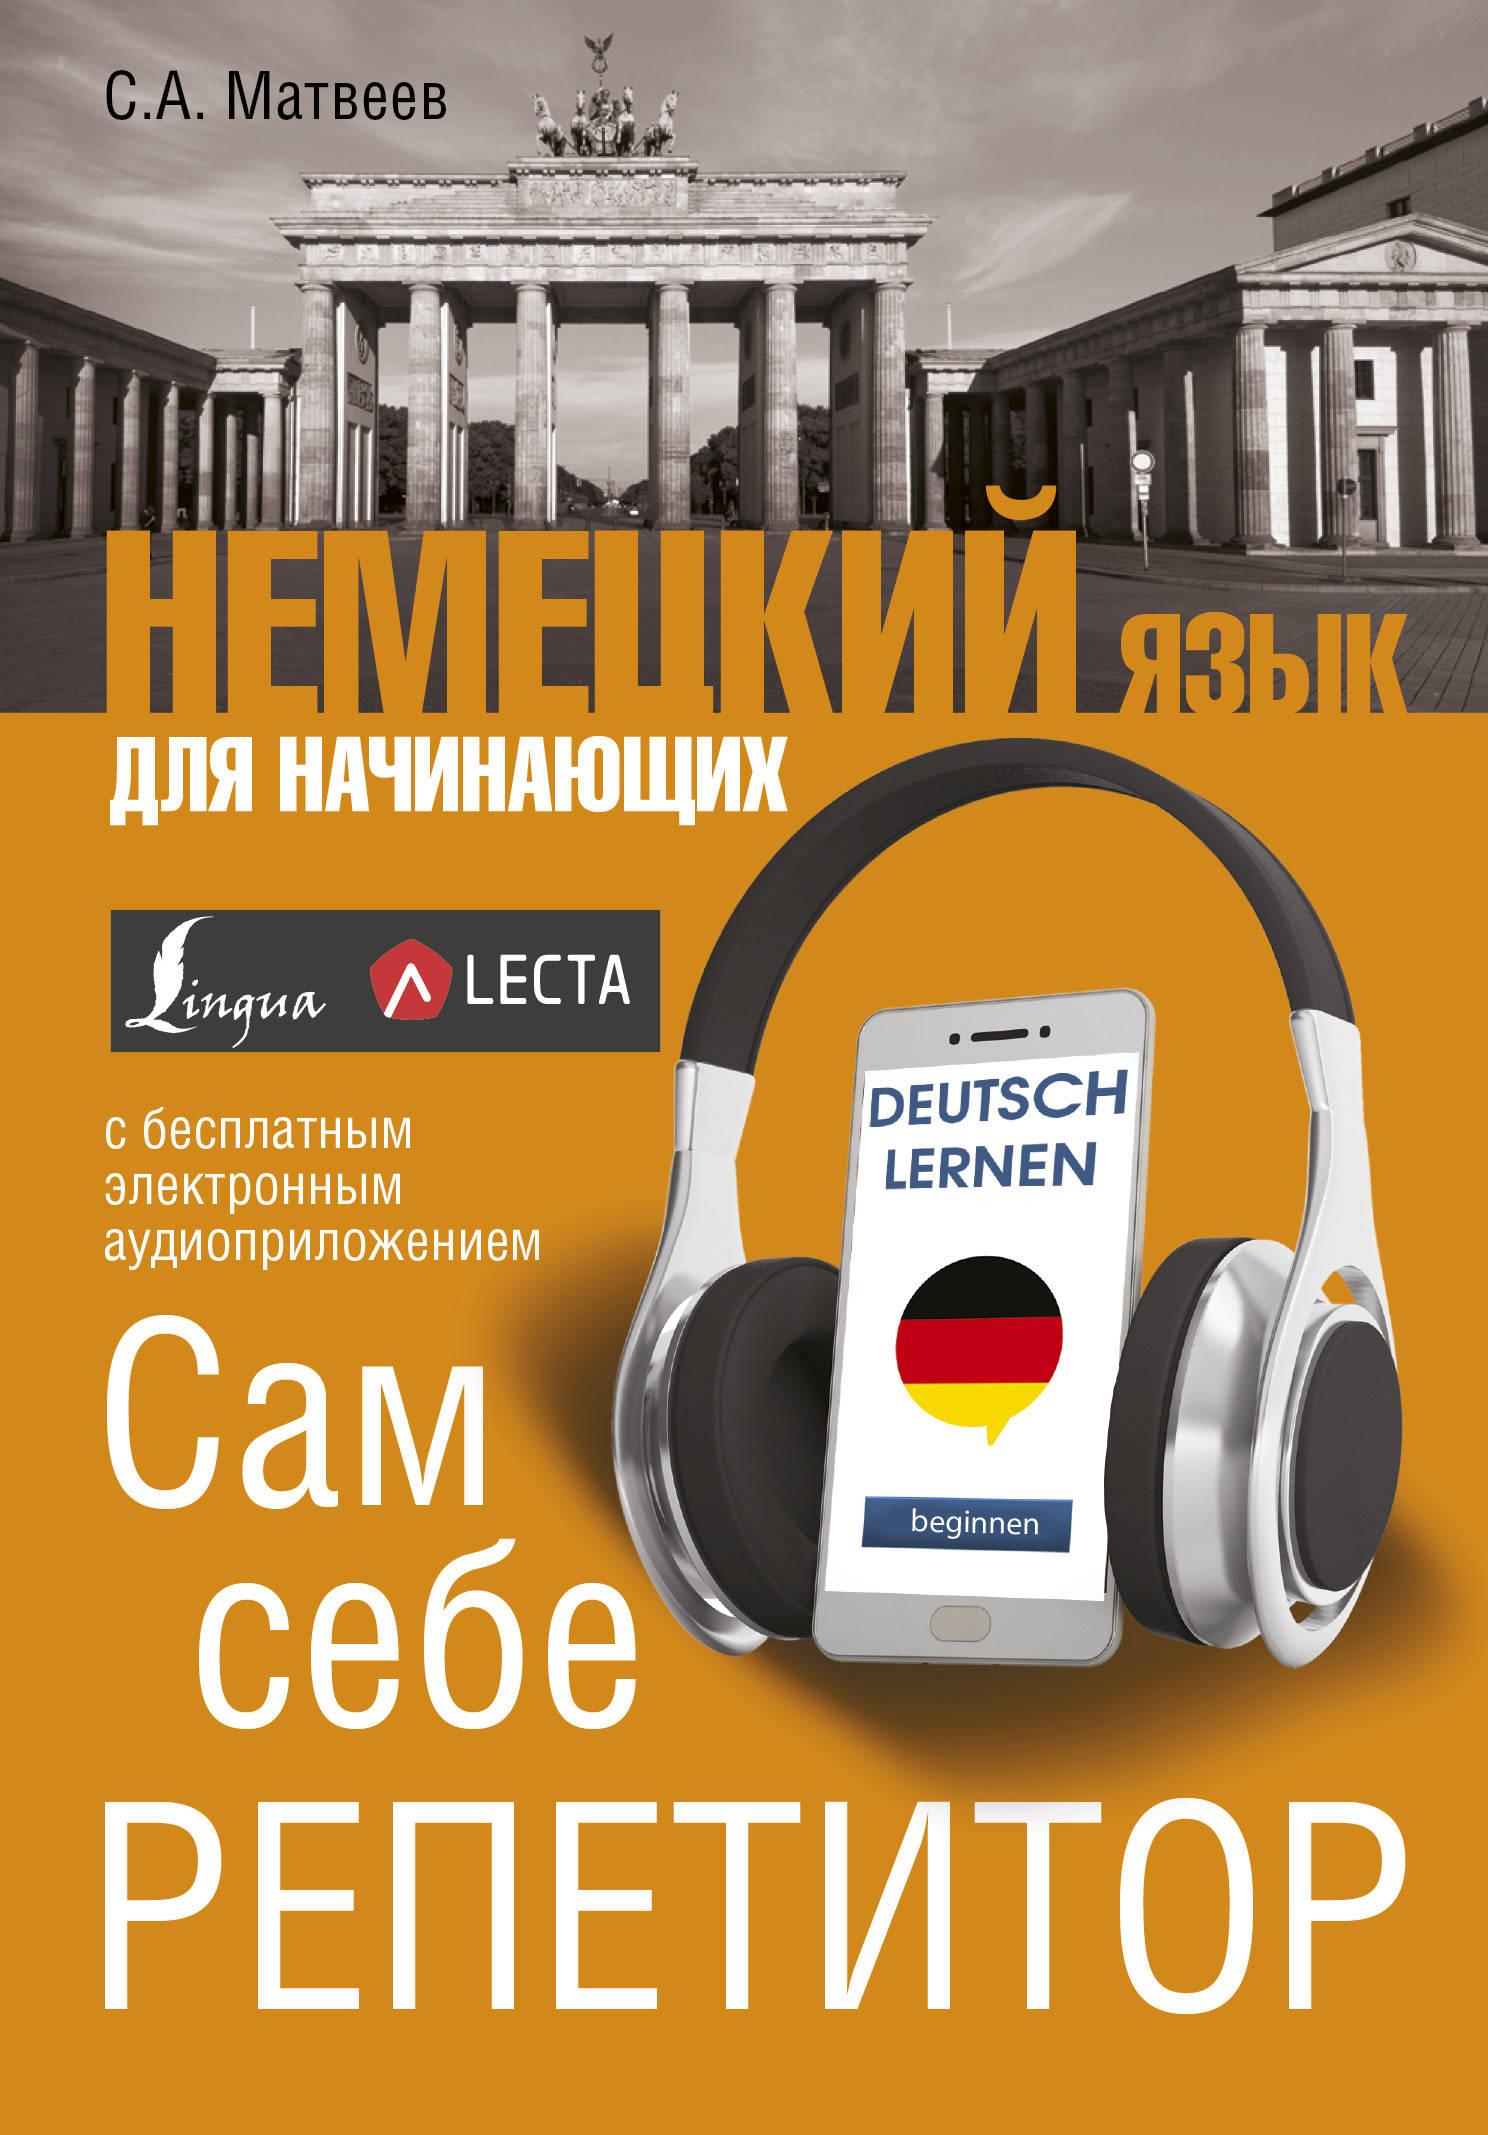 С. А. Матвеев Немецкий язык для начинающих. Сам себе репетитор + LECTA